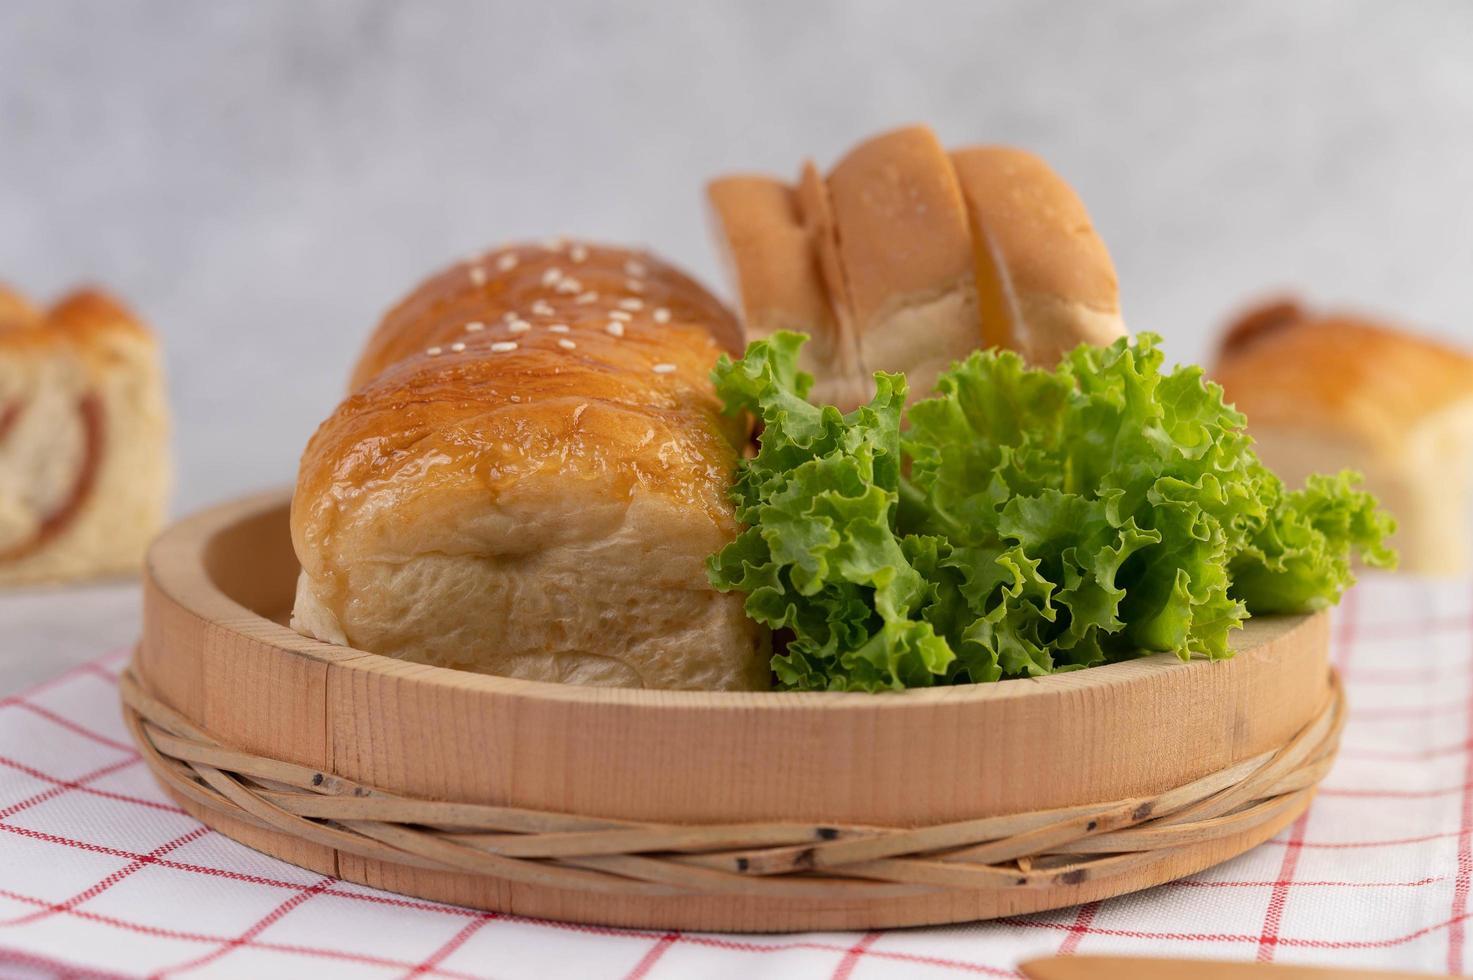 olika bröd visas på ett bord foto